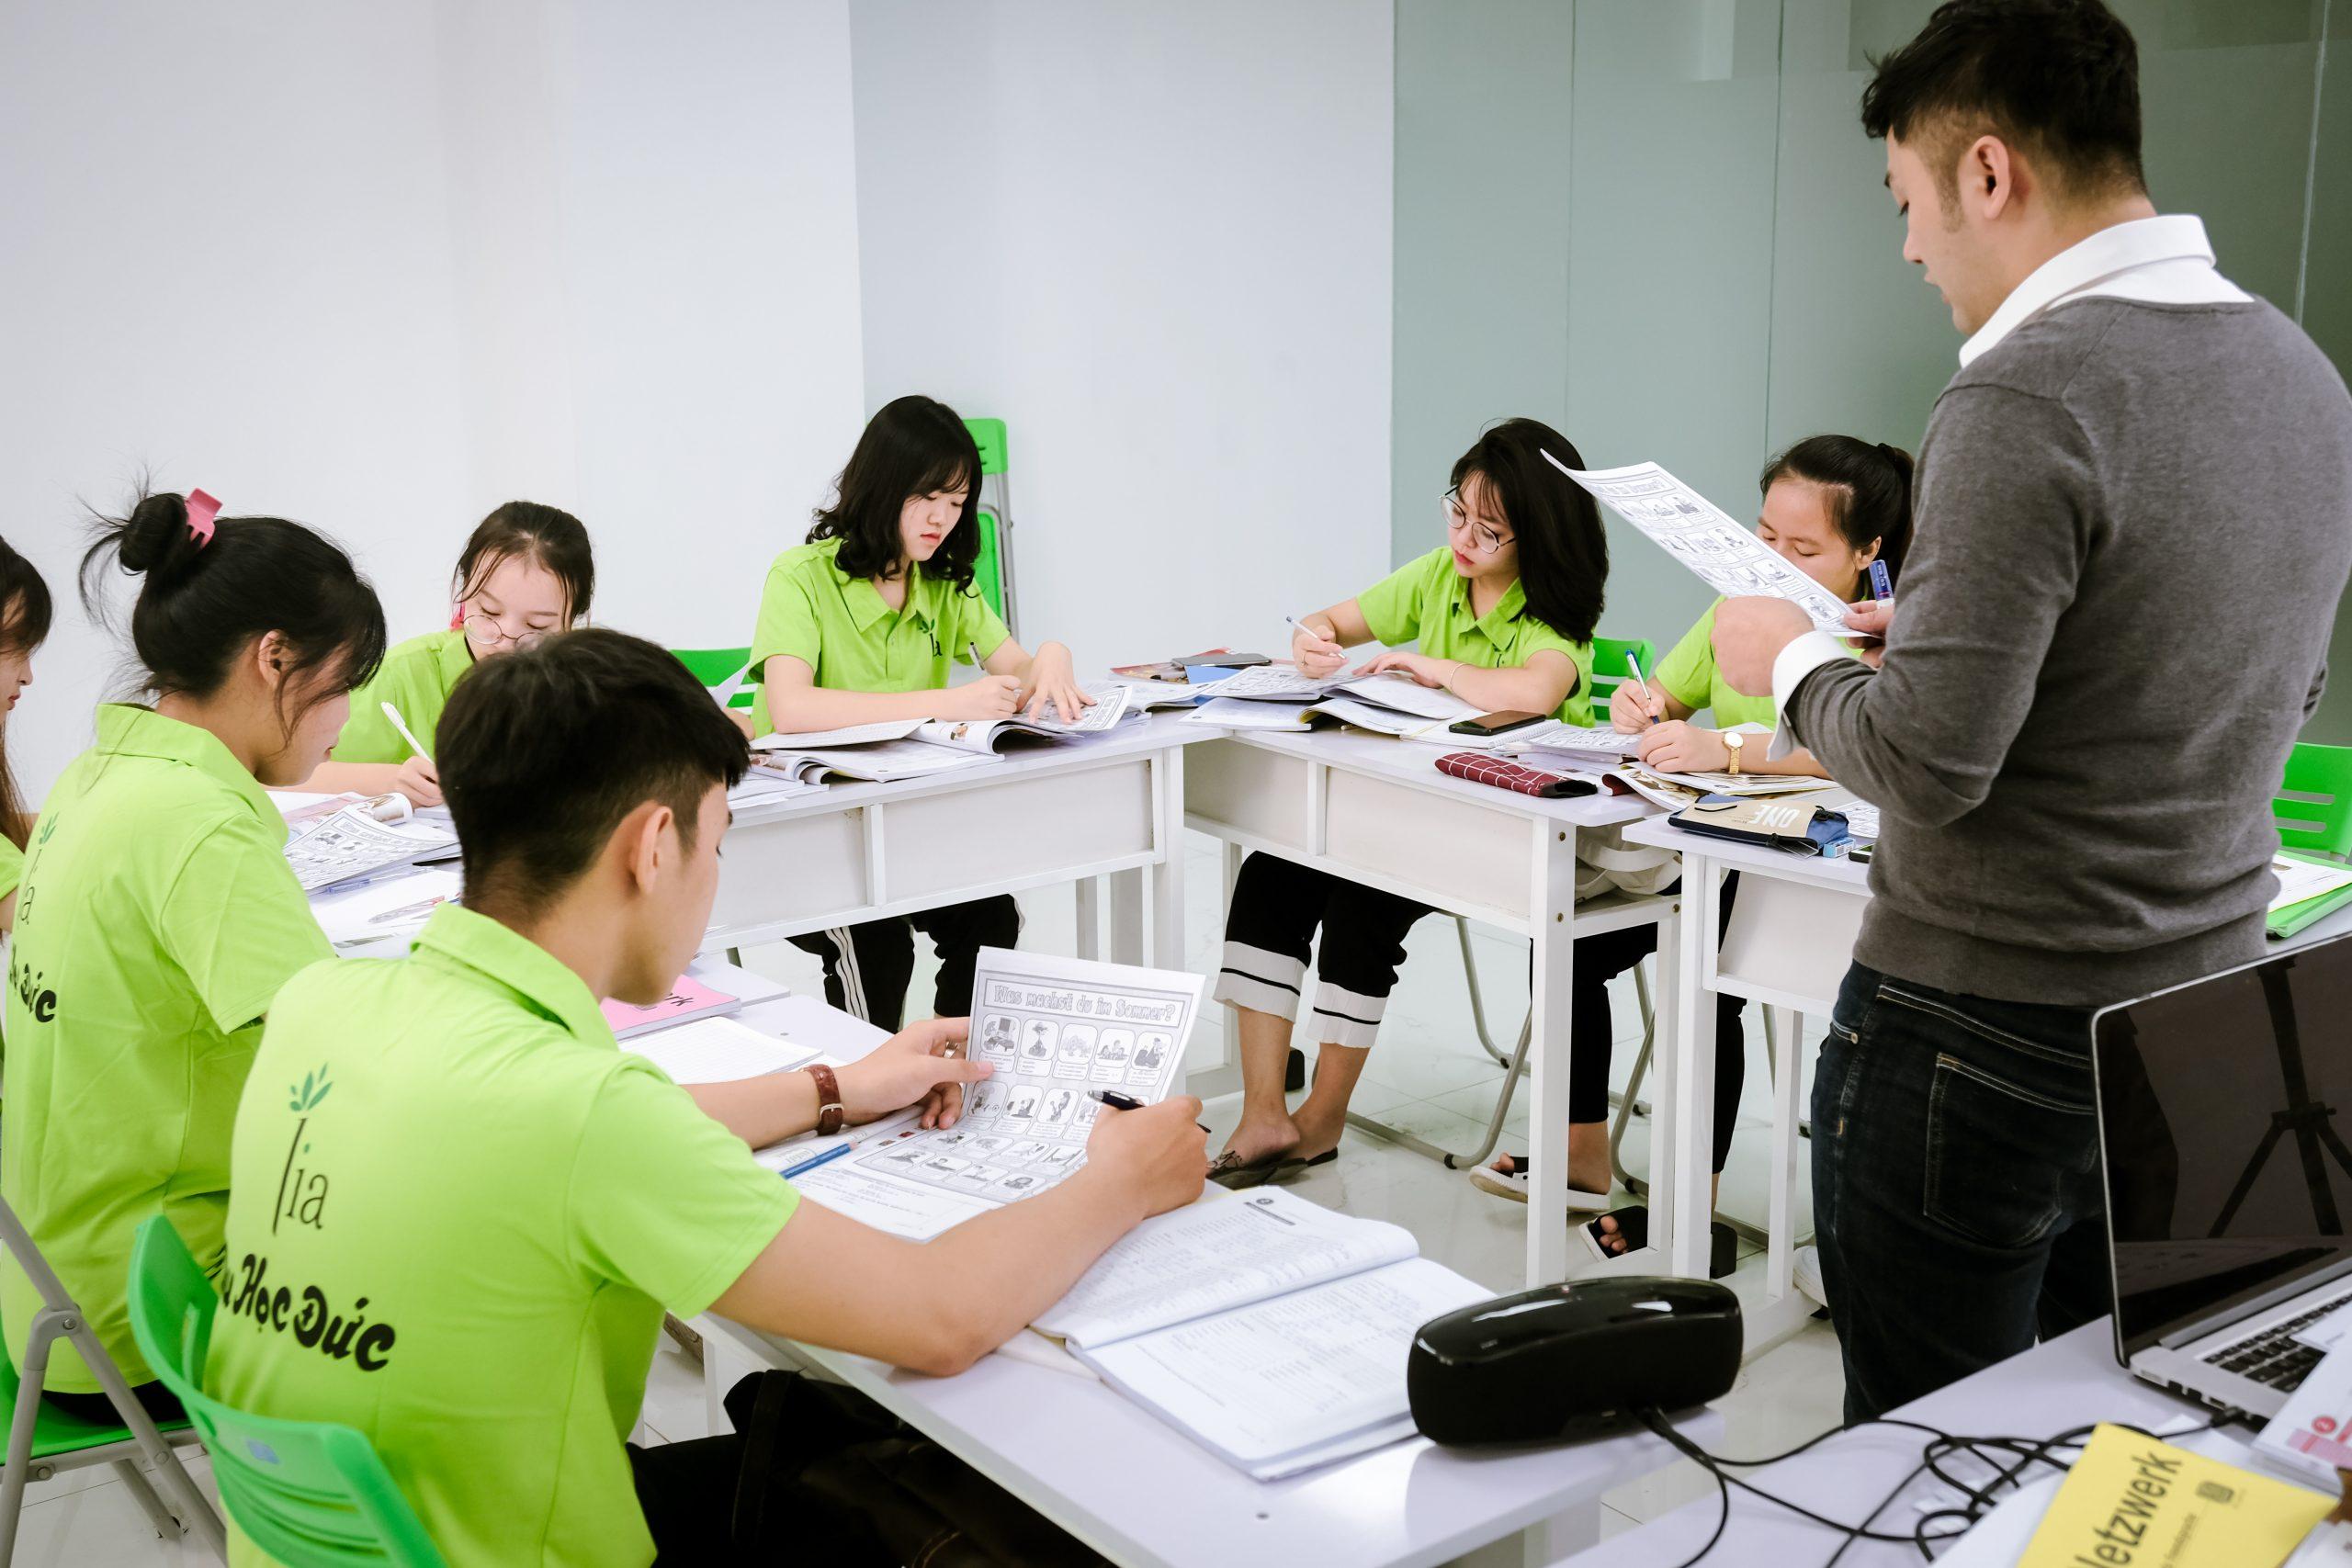 LIA theo sát tình hình học tập của học viên